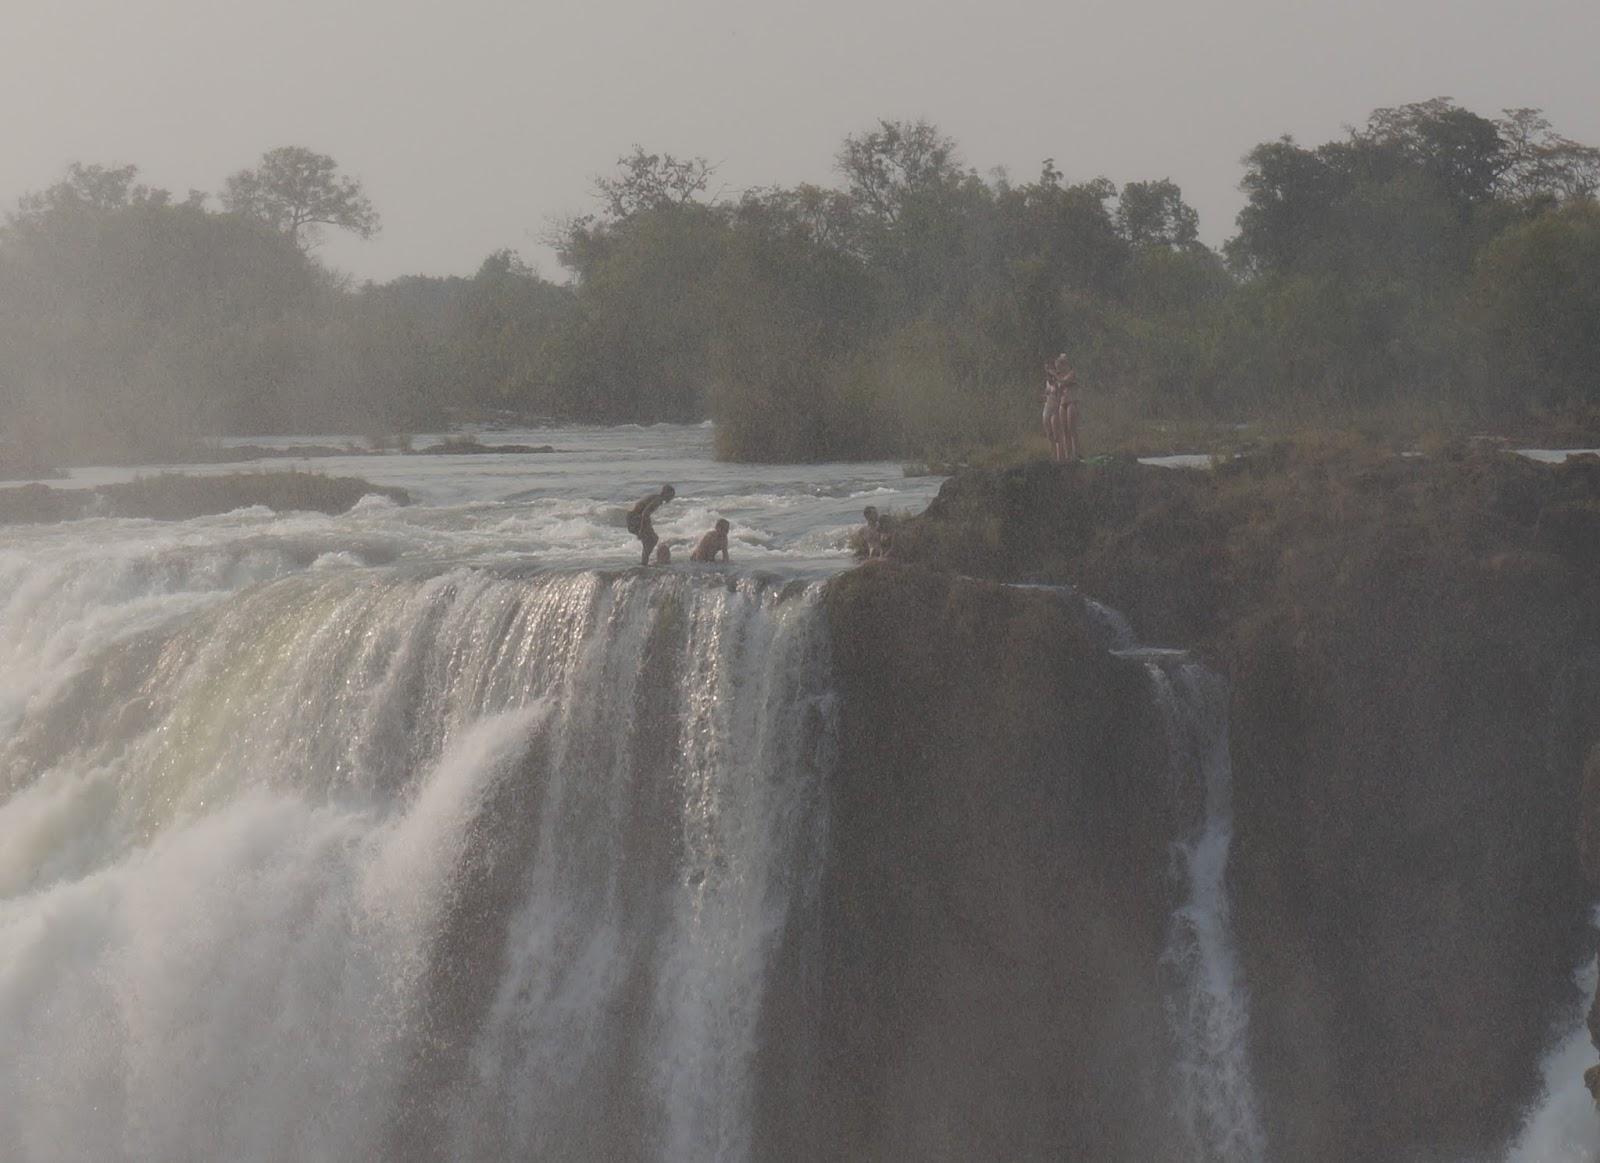 schistosomiasis zambezi river condilomul jess